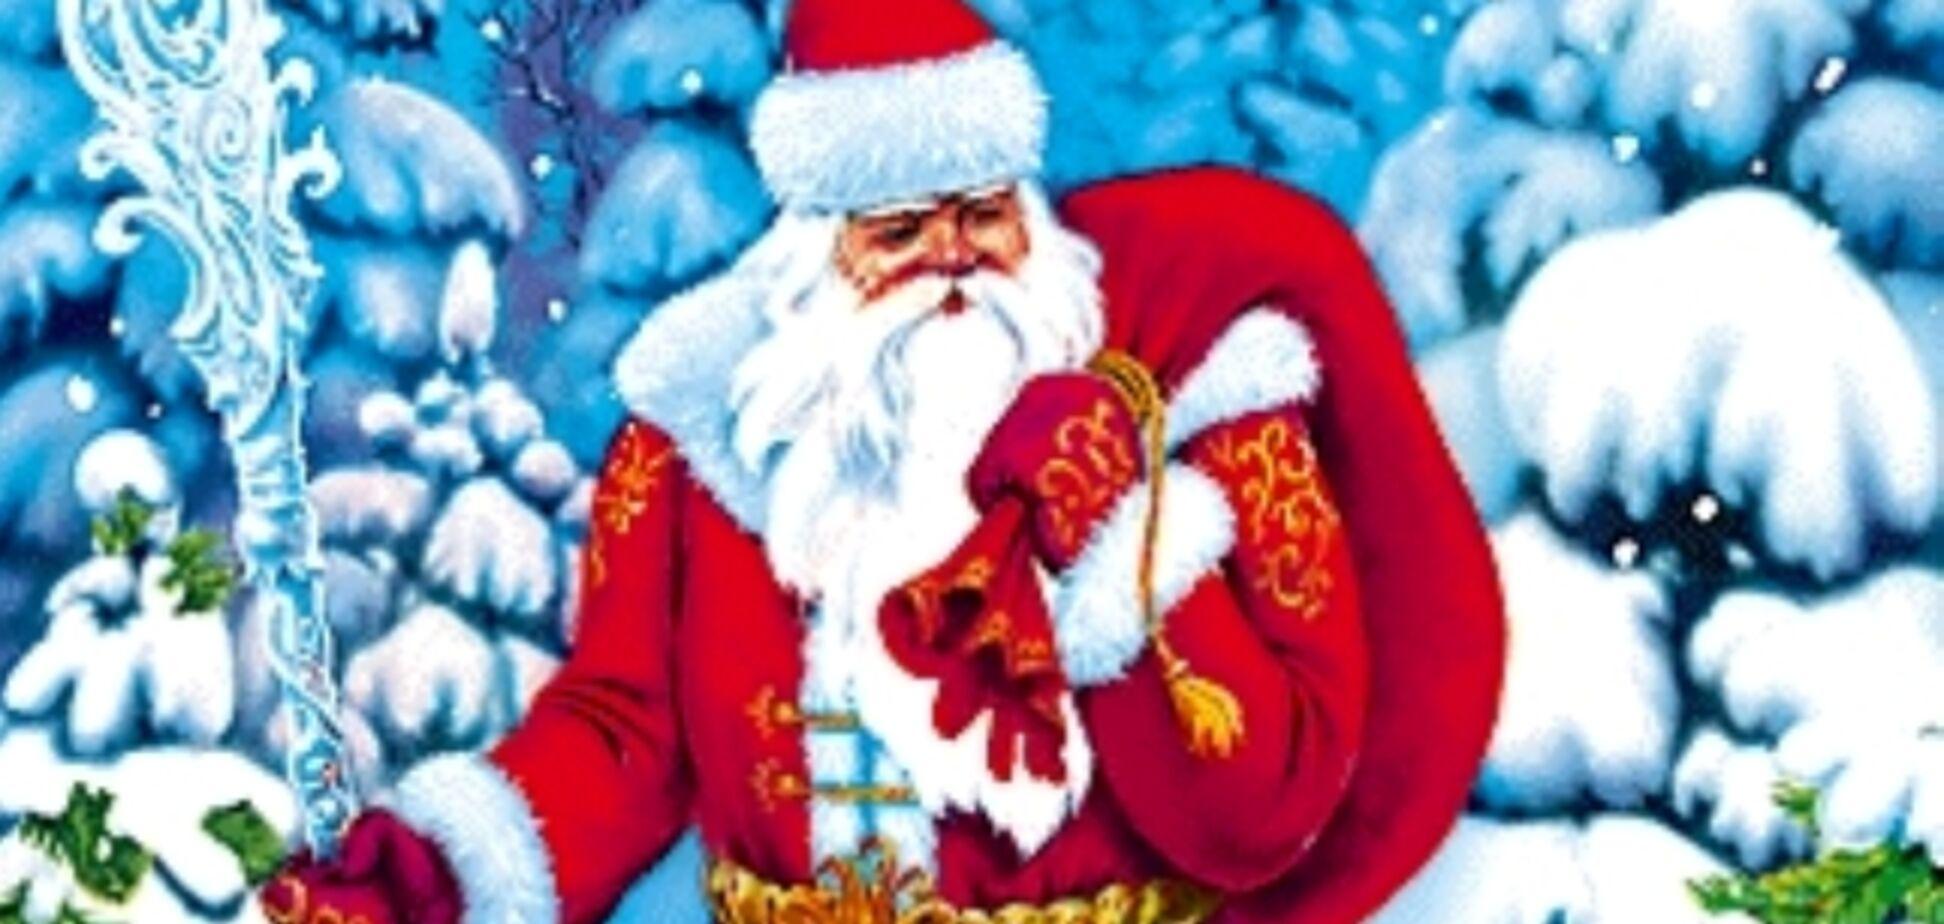 Сказки о Деде Морозе: как перестать обманывать ребенка